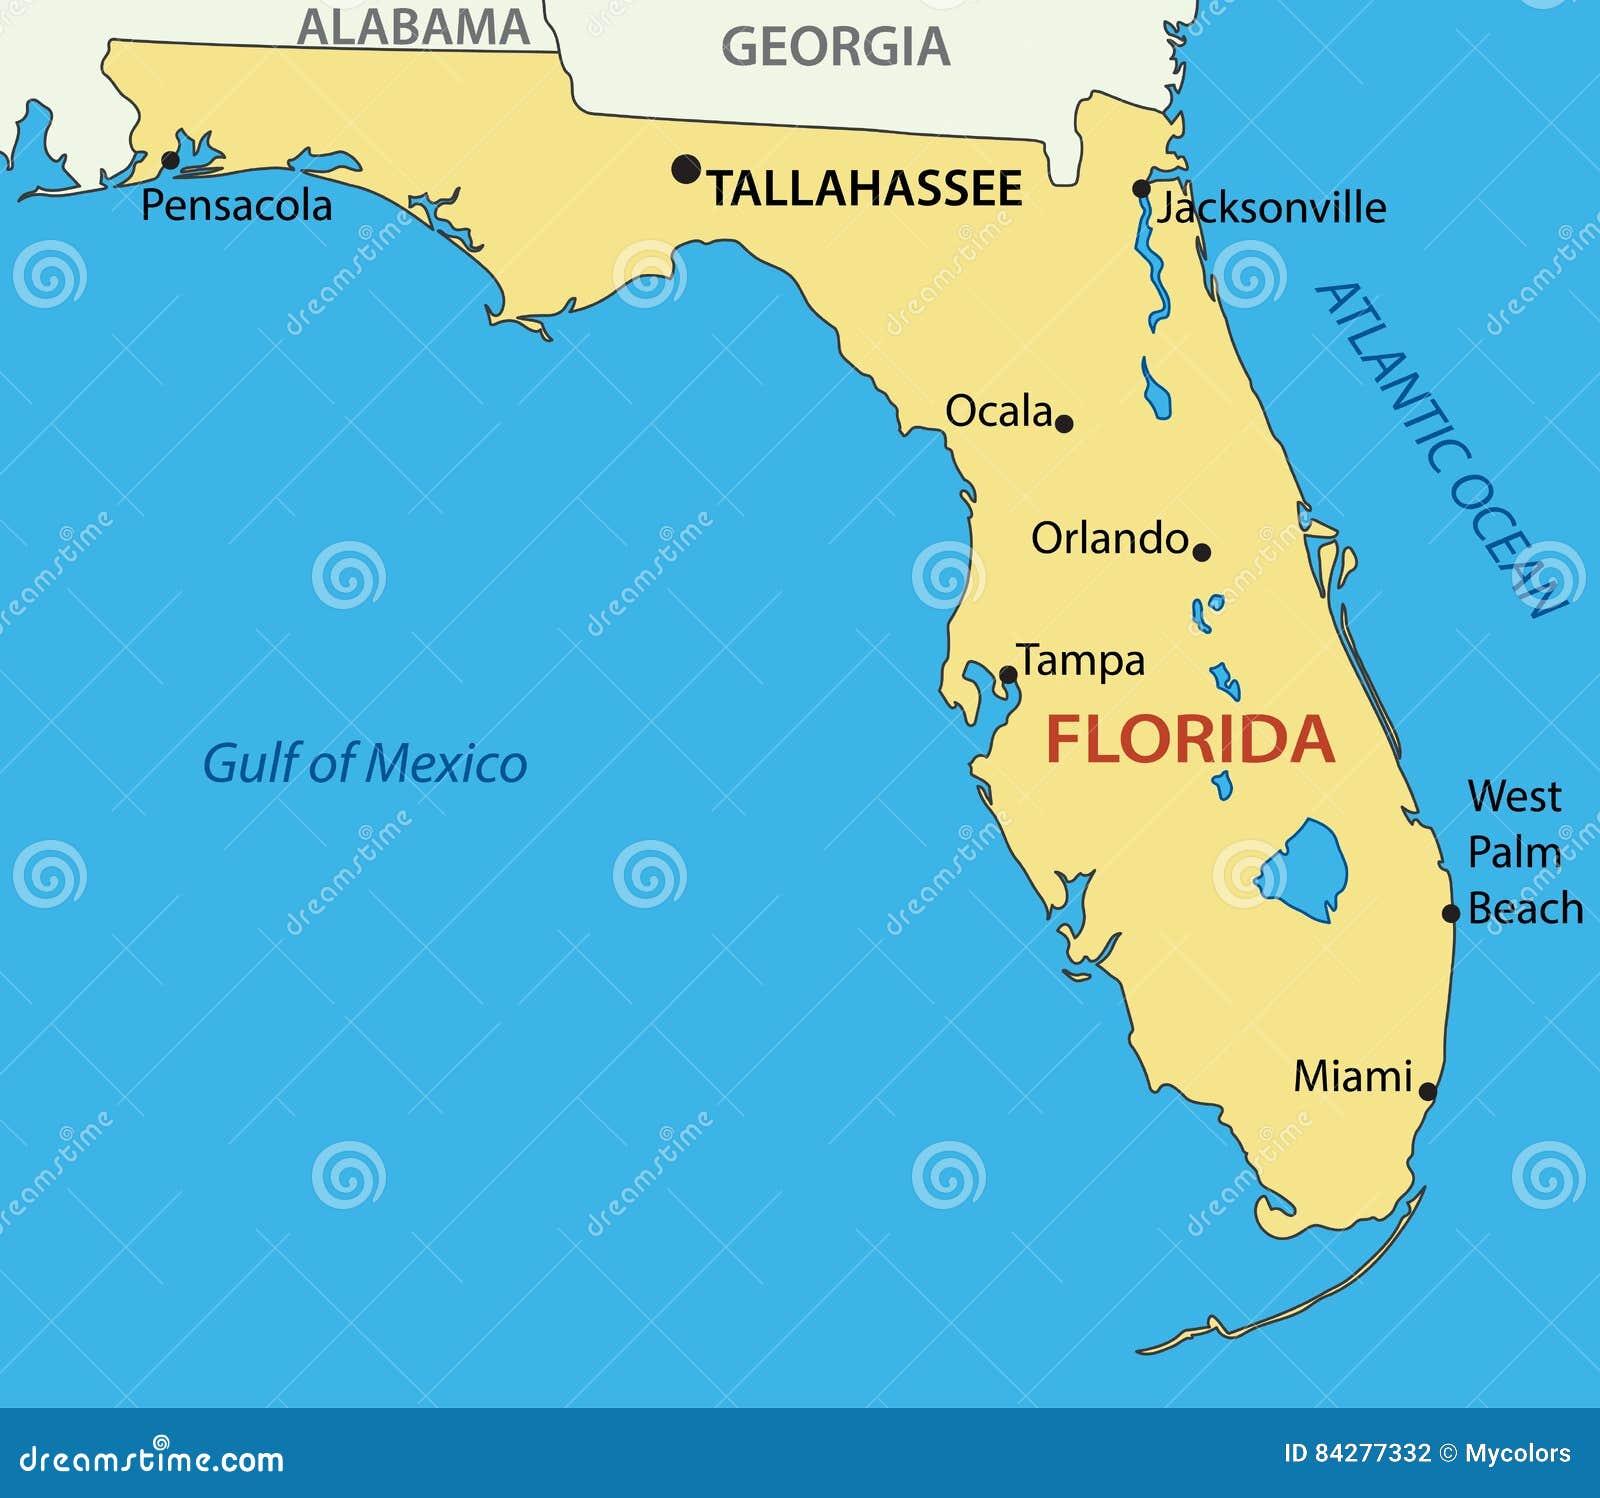 Florida Karta Polozheniya Illyustraciya Vektora Illyustracii